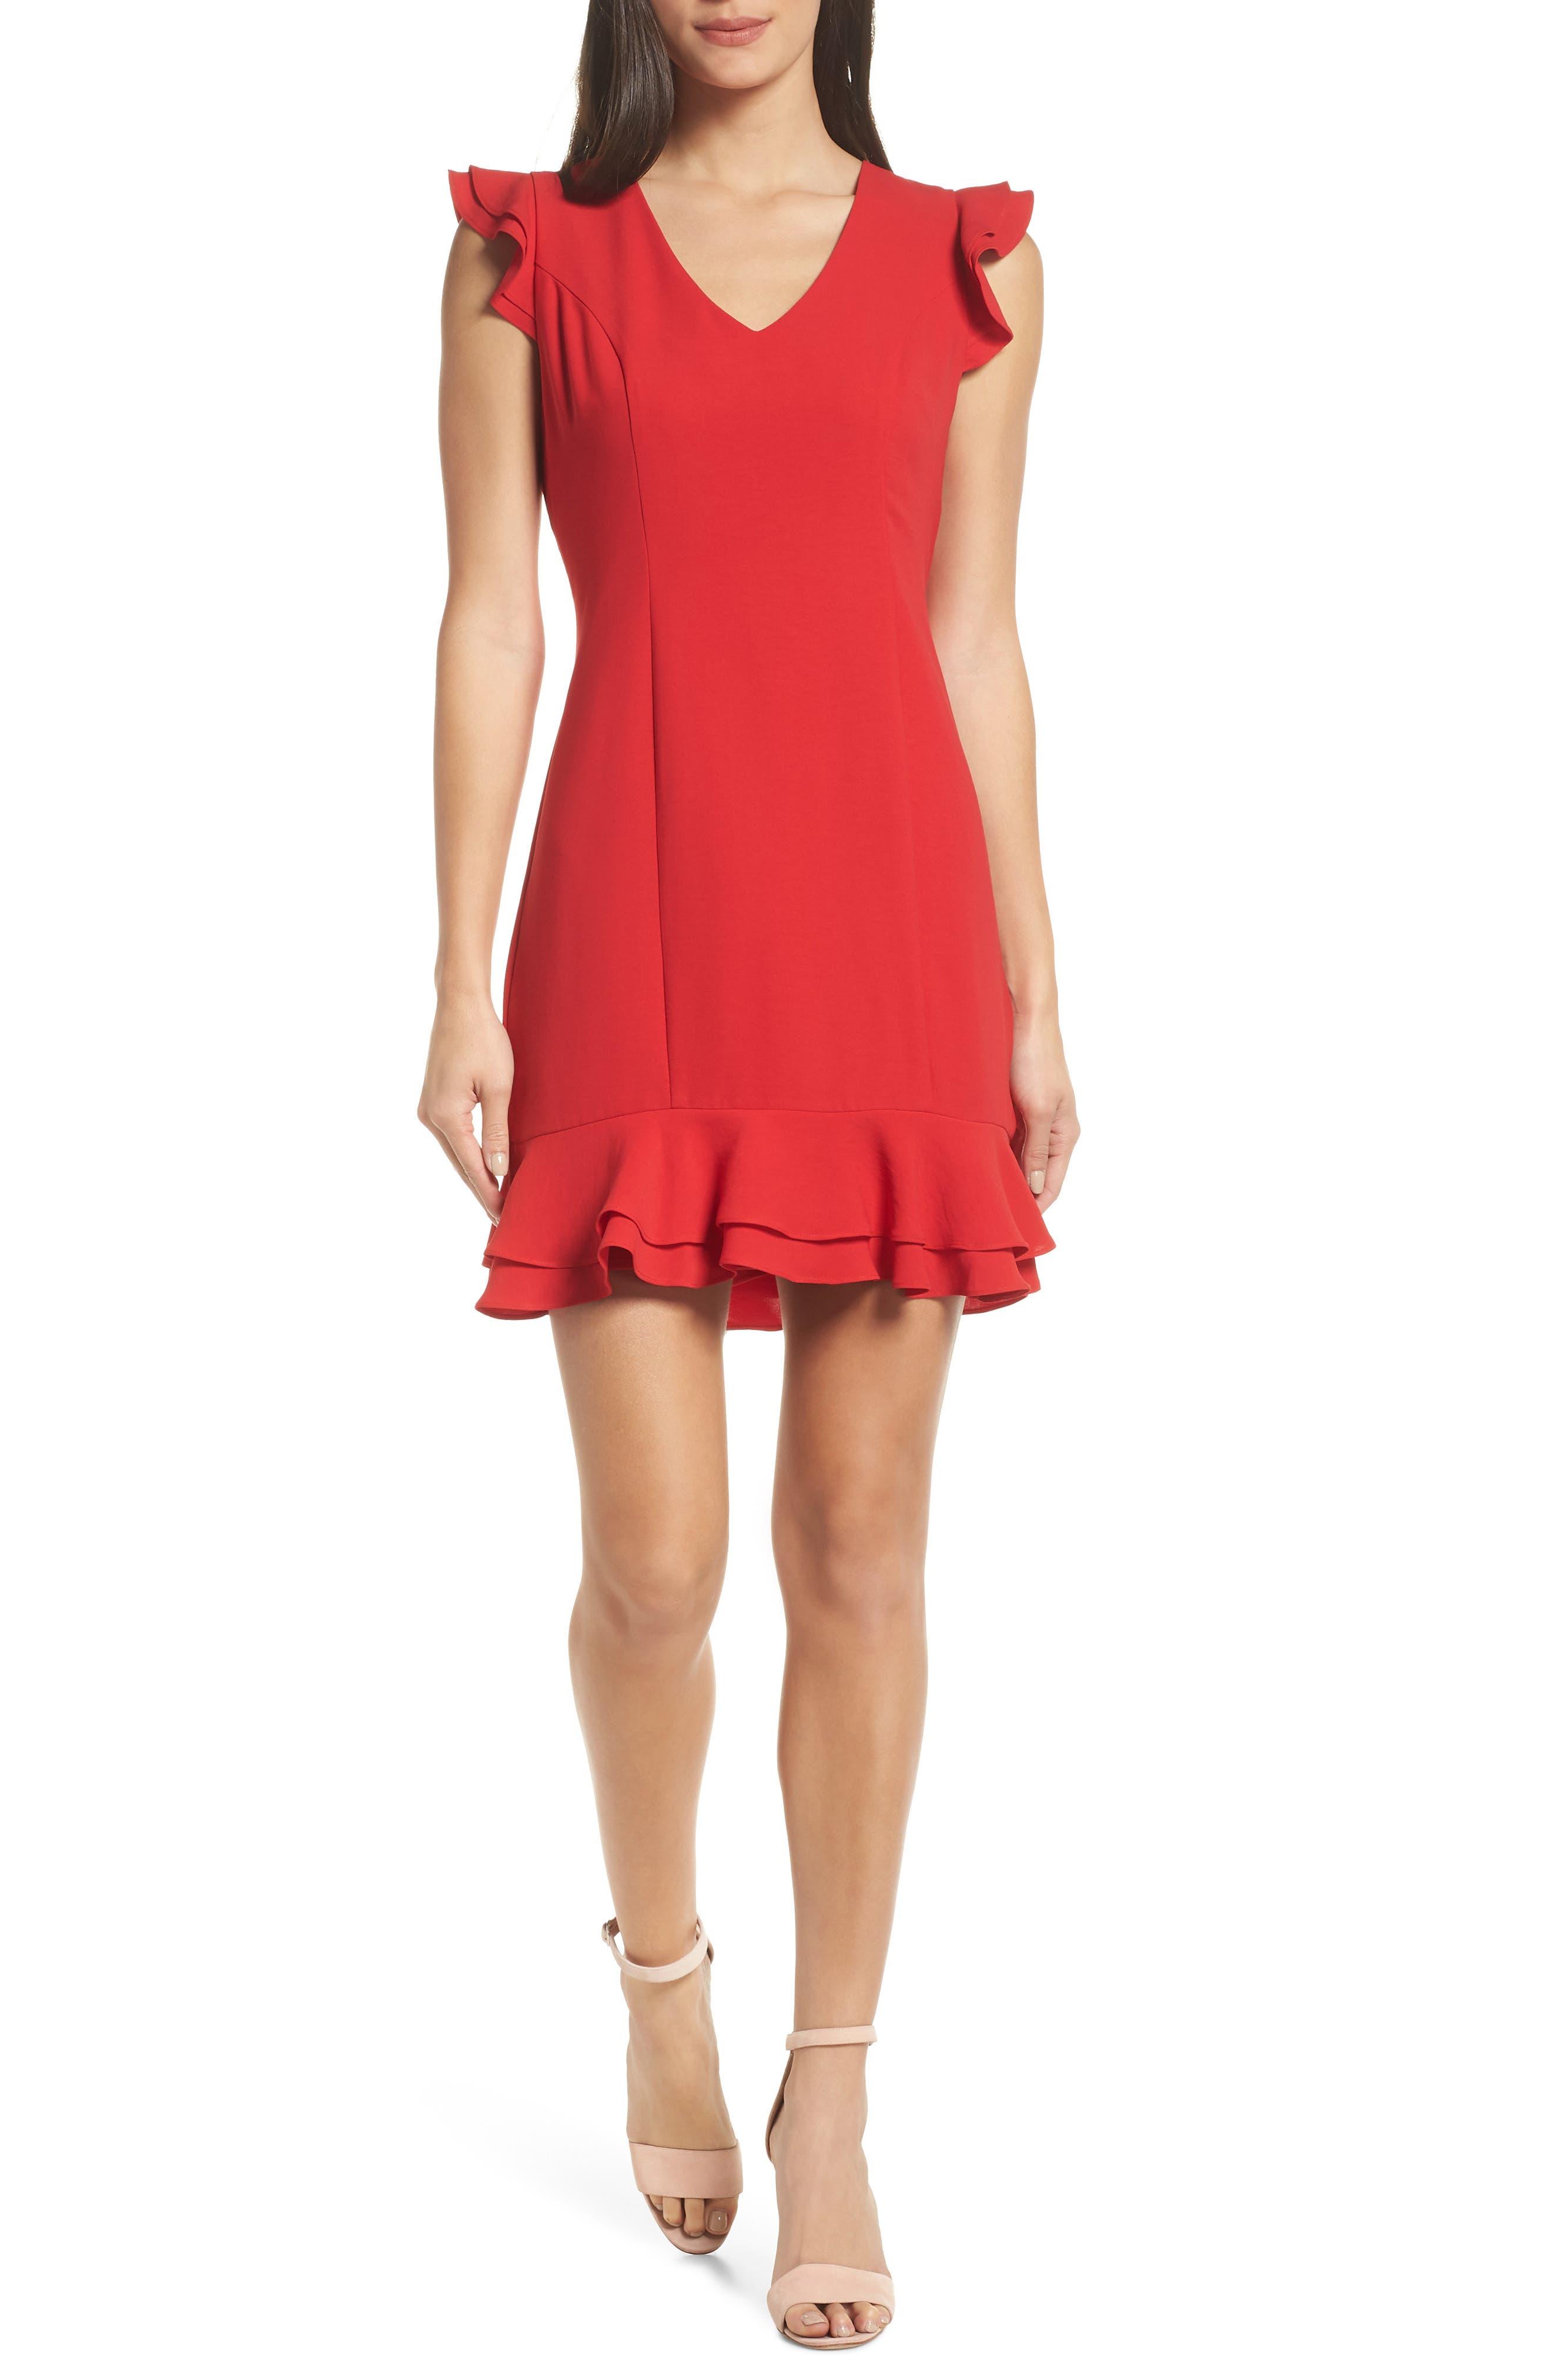 19 COOPER Ruffle Hem Dress in Red